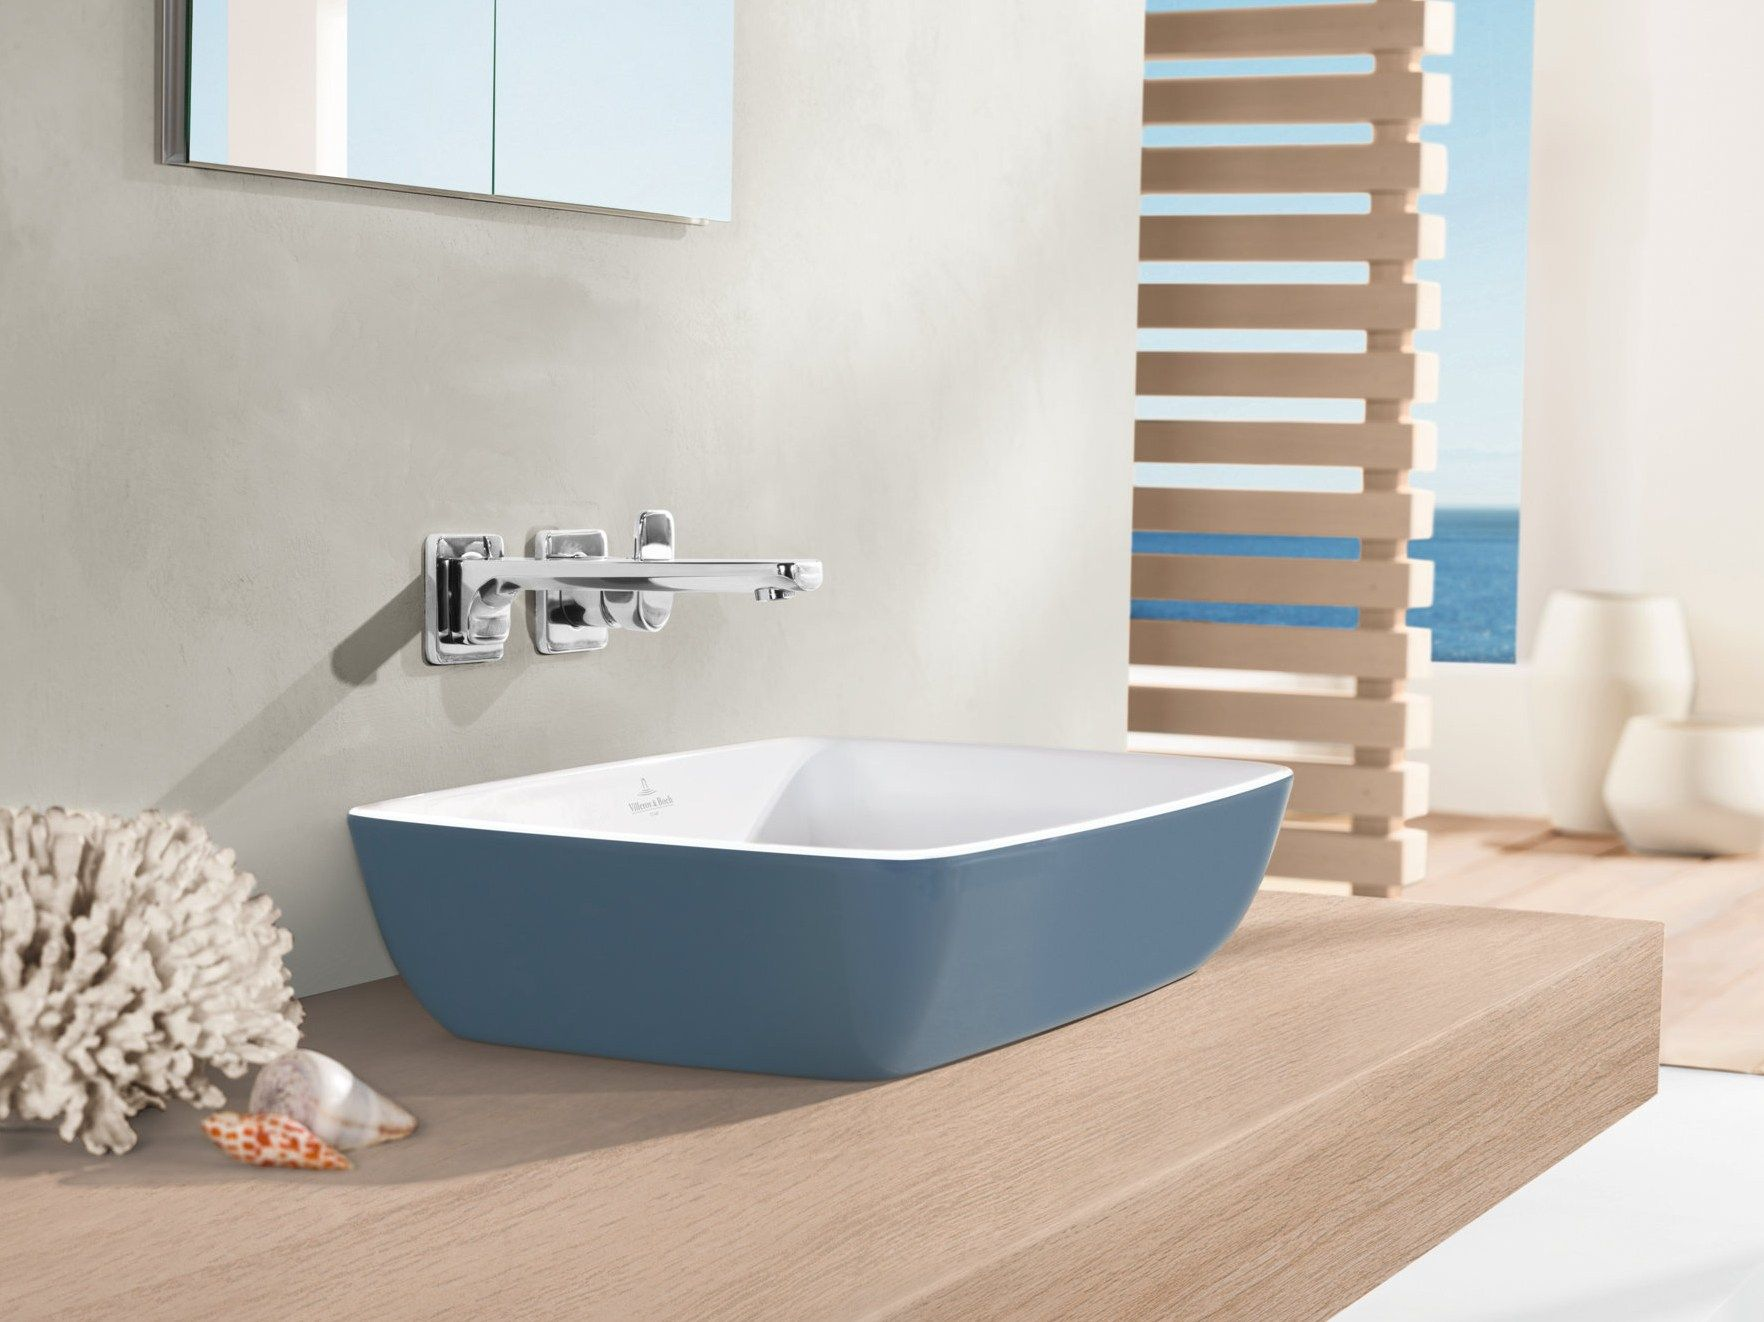 Arbeitsplatte Badezimmer ~ Image result for villeroy boch artis color kitchen bathroom